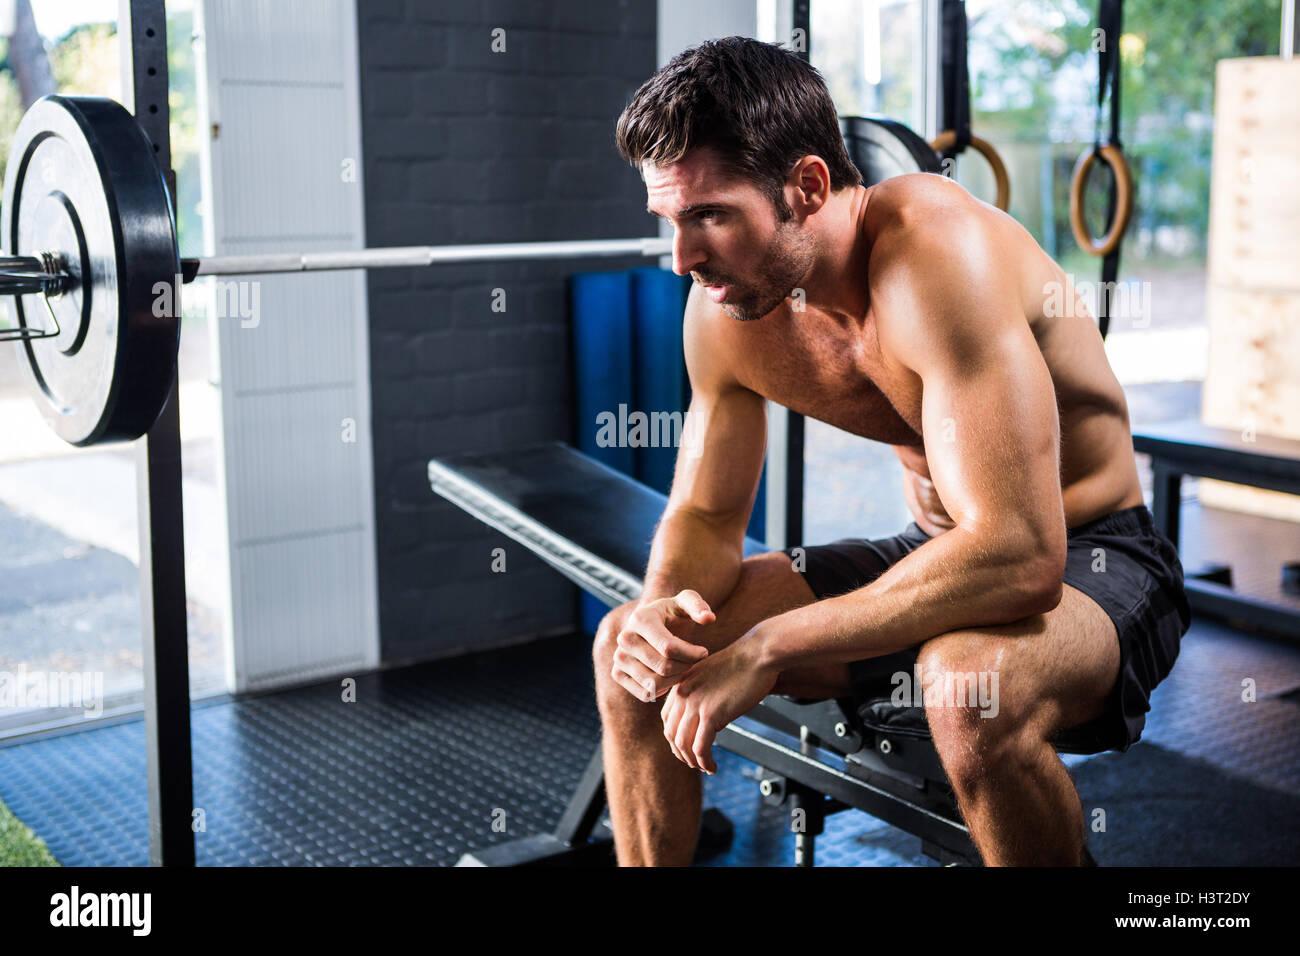 Homme assis sur l'équipement d'exercice dans la salle de sport Photo Stock